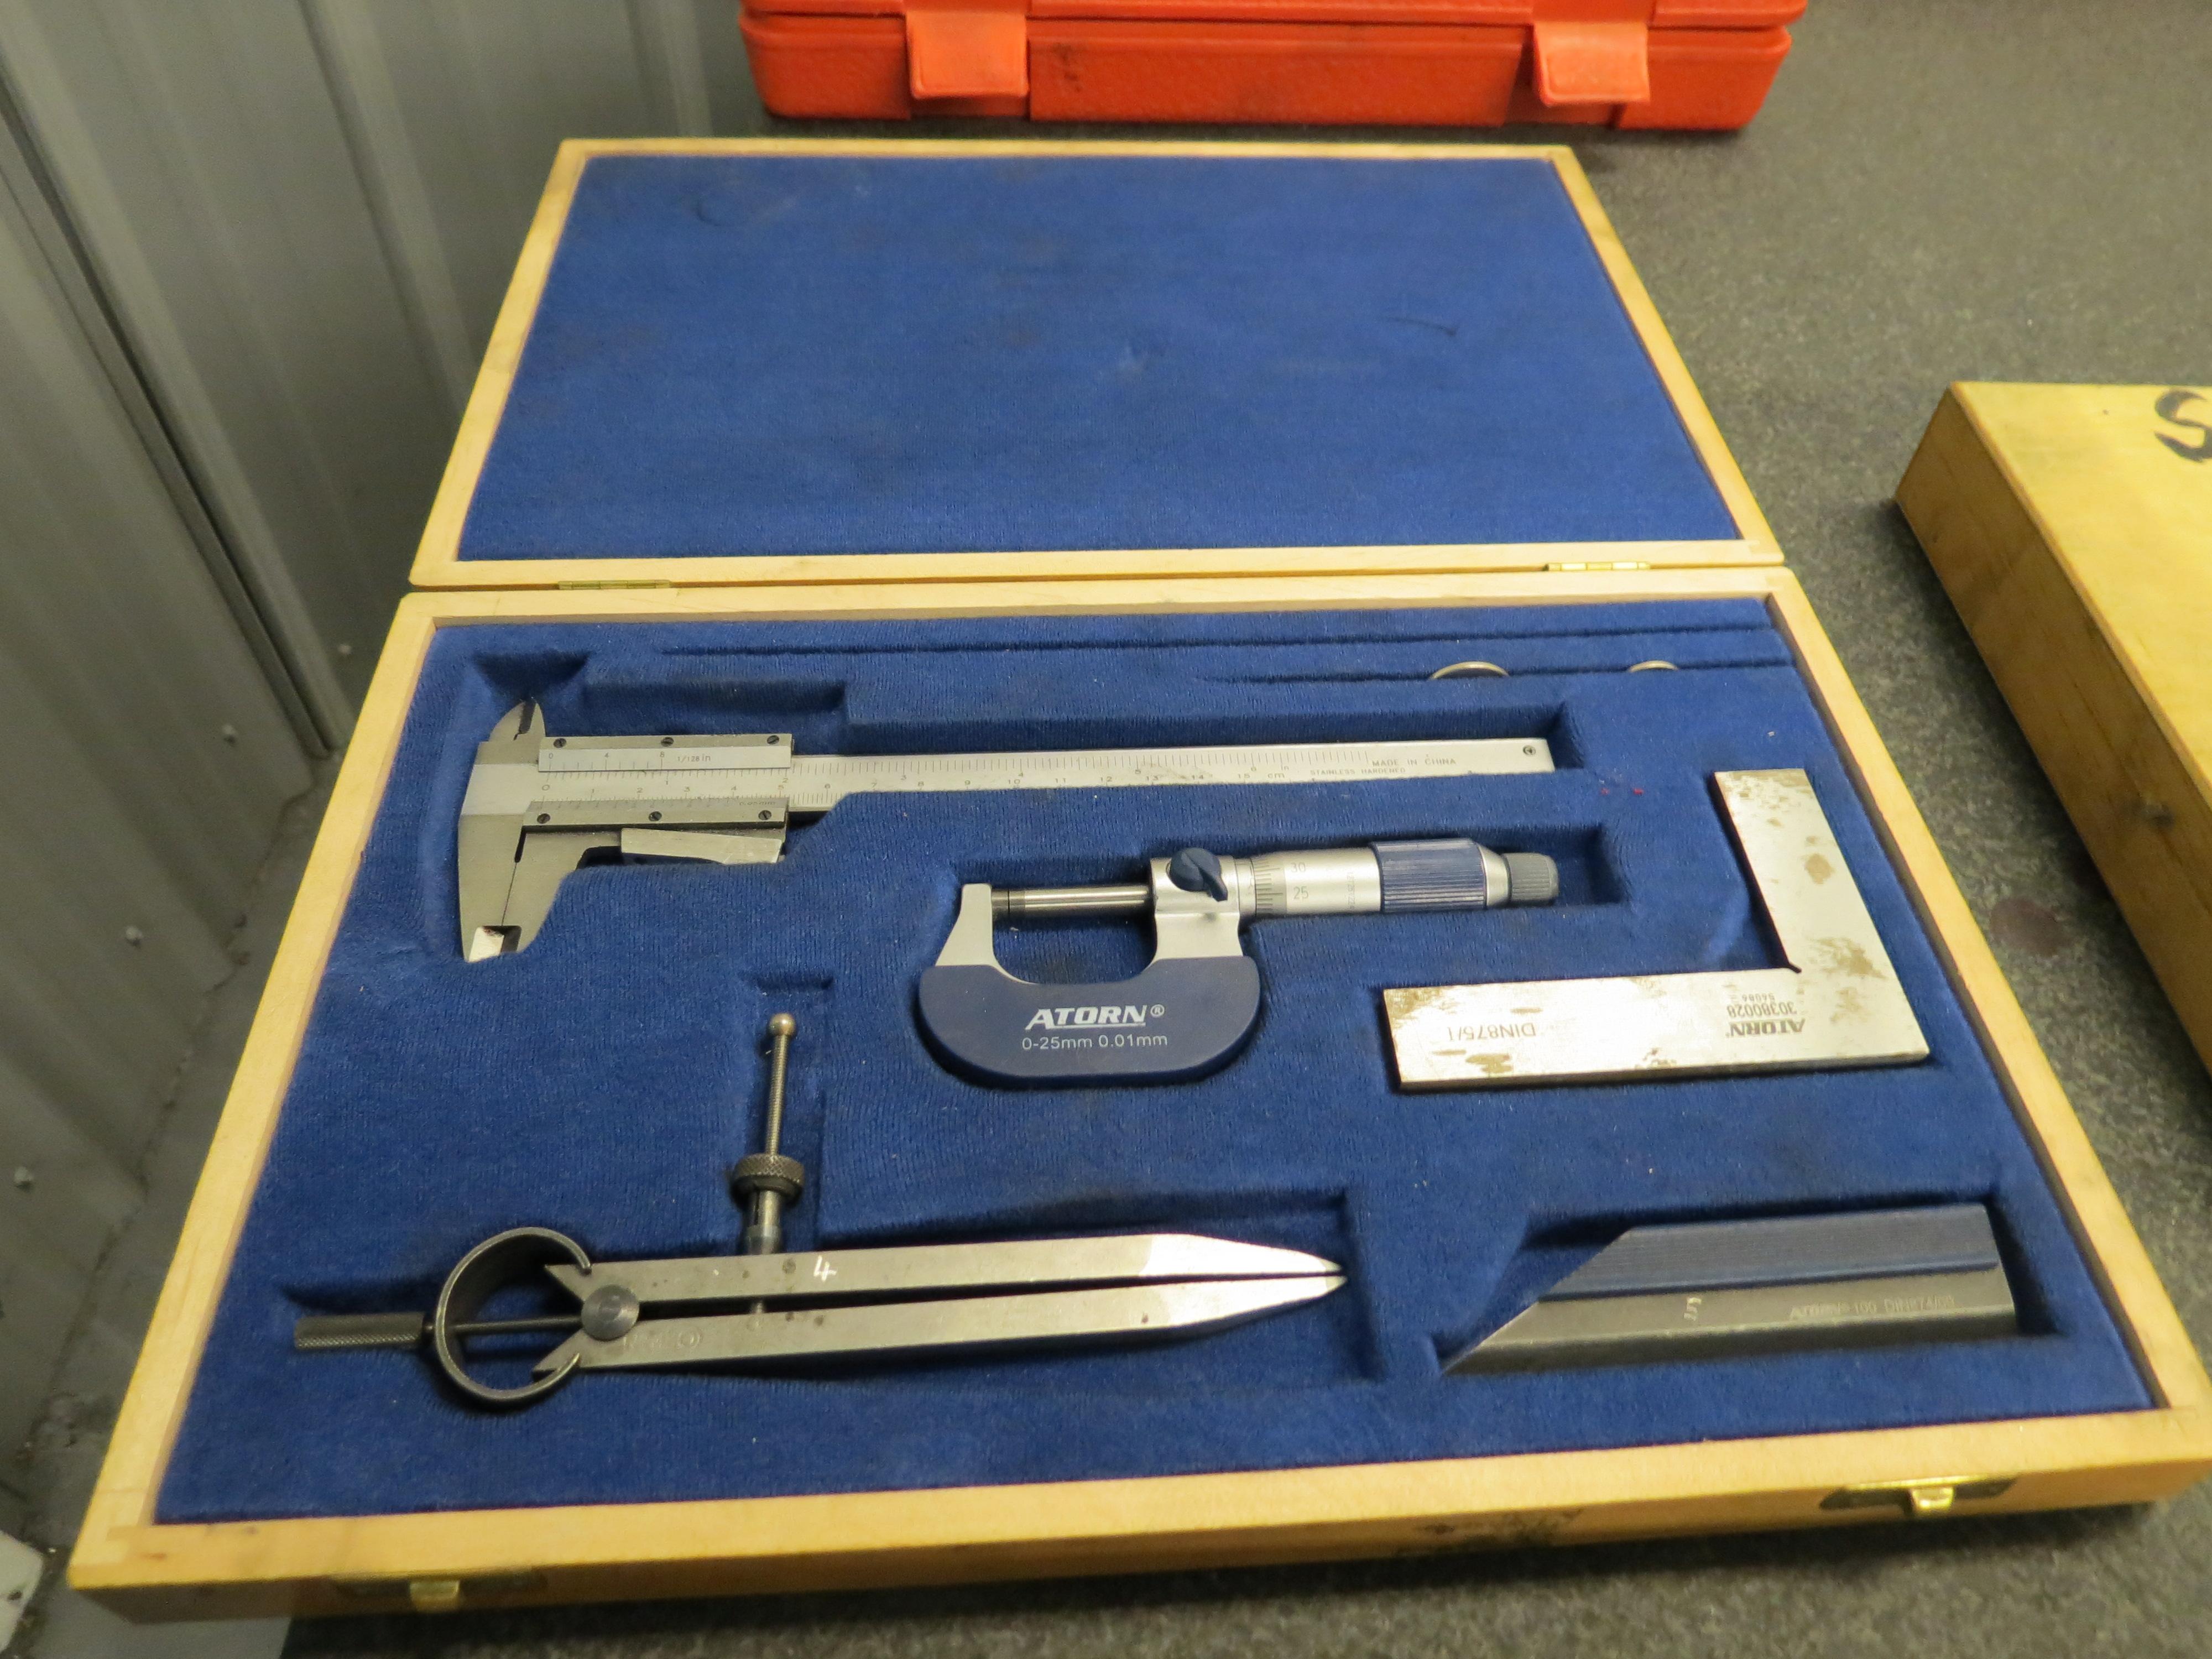 Lot 2 - Atorn Micrometer & Caliper Set